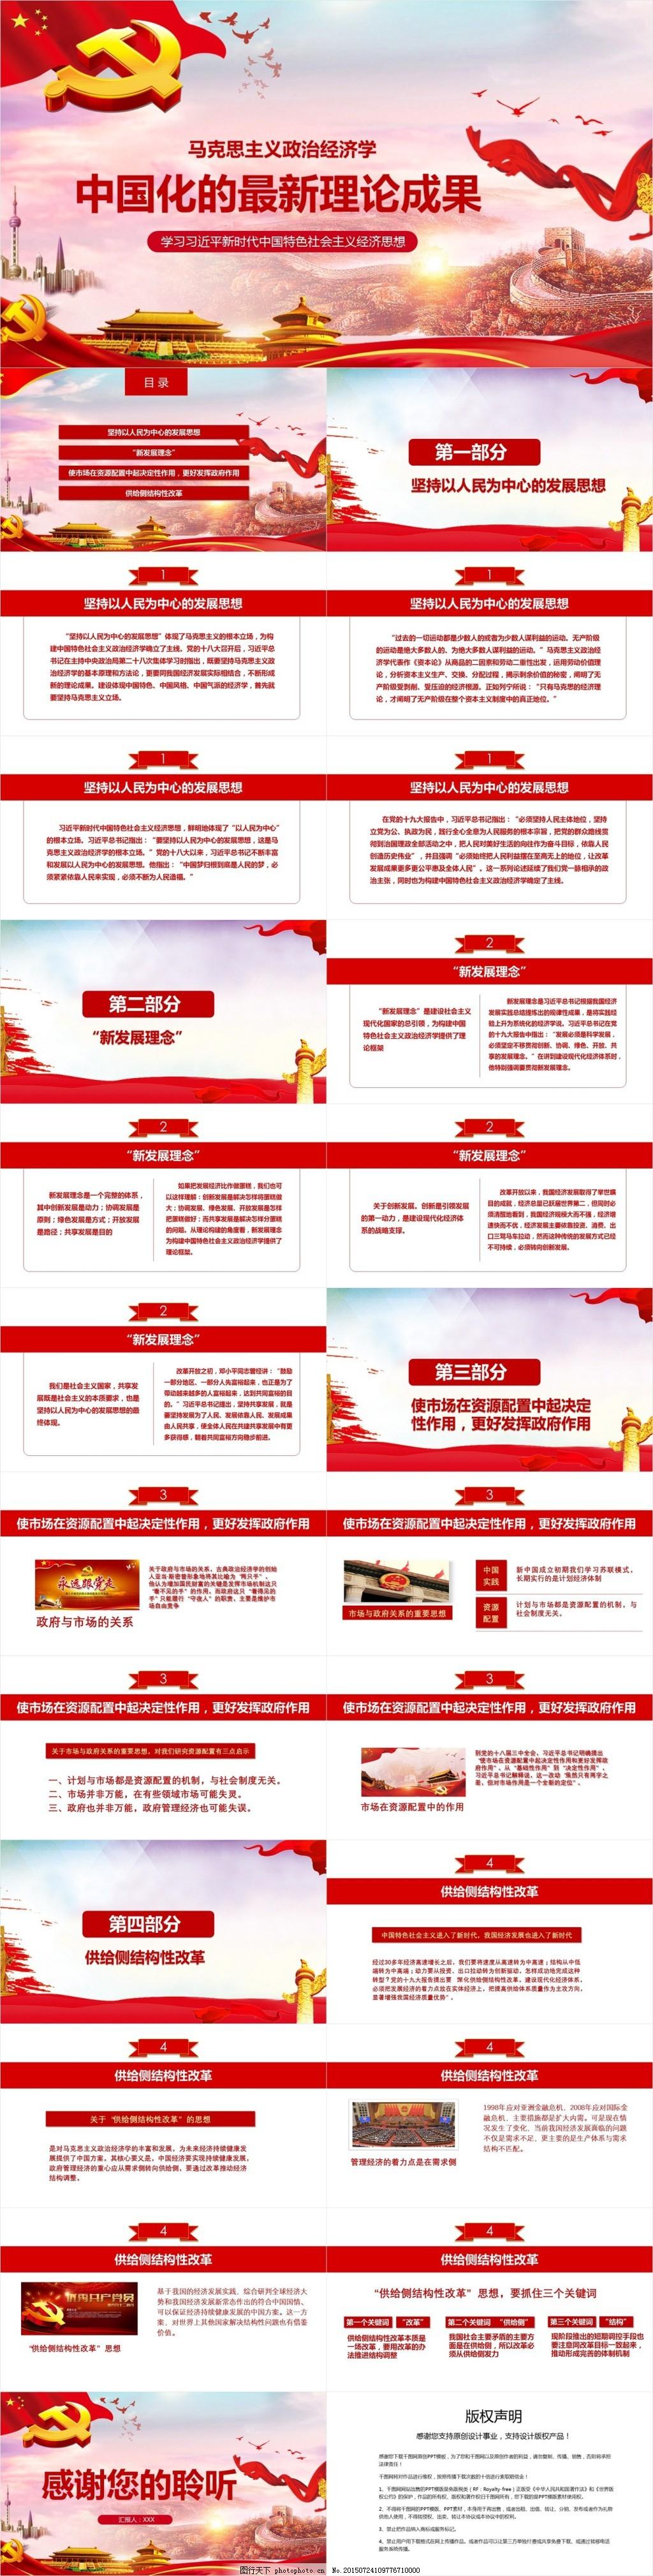 新时代中国特色社会主义思想PPT模板范本,ppt,共享发展,经济思想,马克思主义政治经济学,习近平,学习